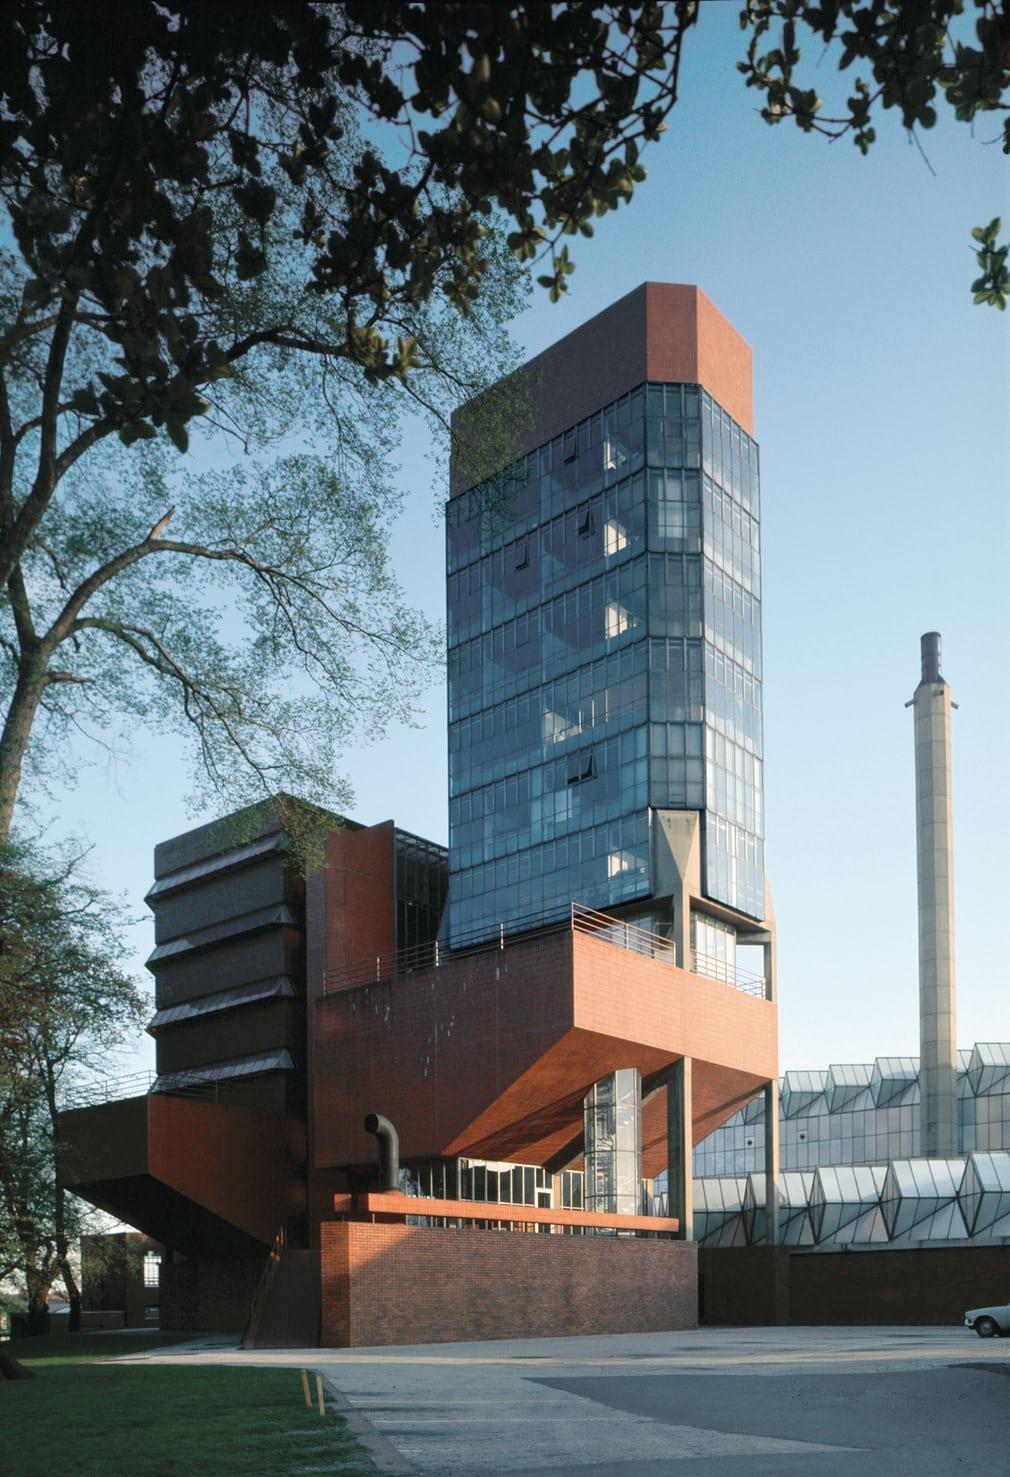 ساختمان مهندسی، دانشگاه لستر